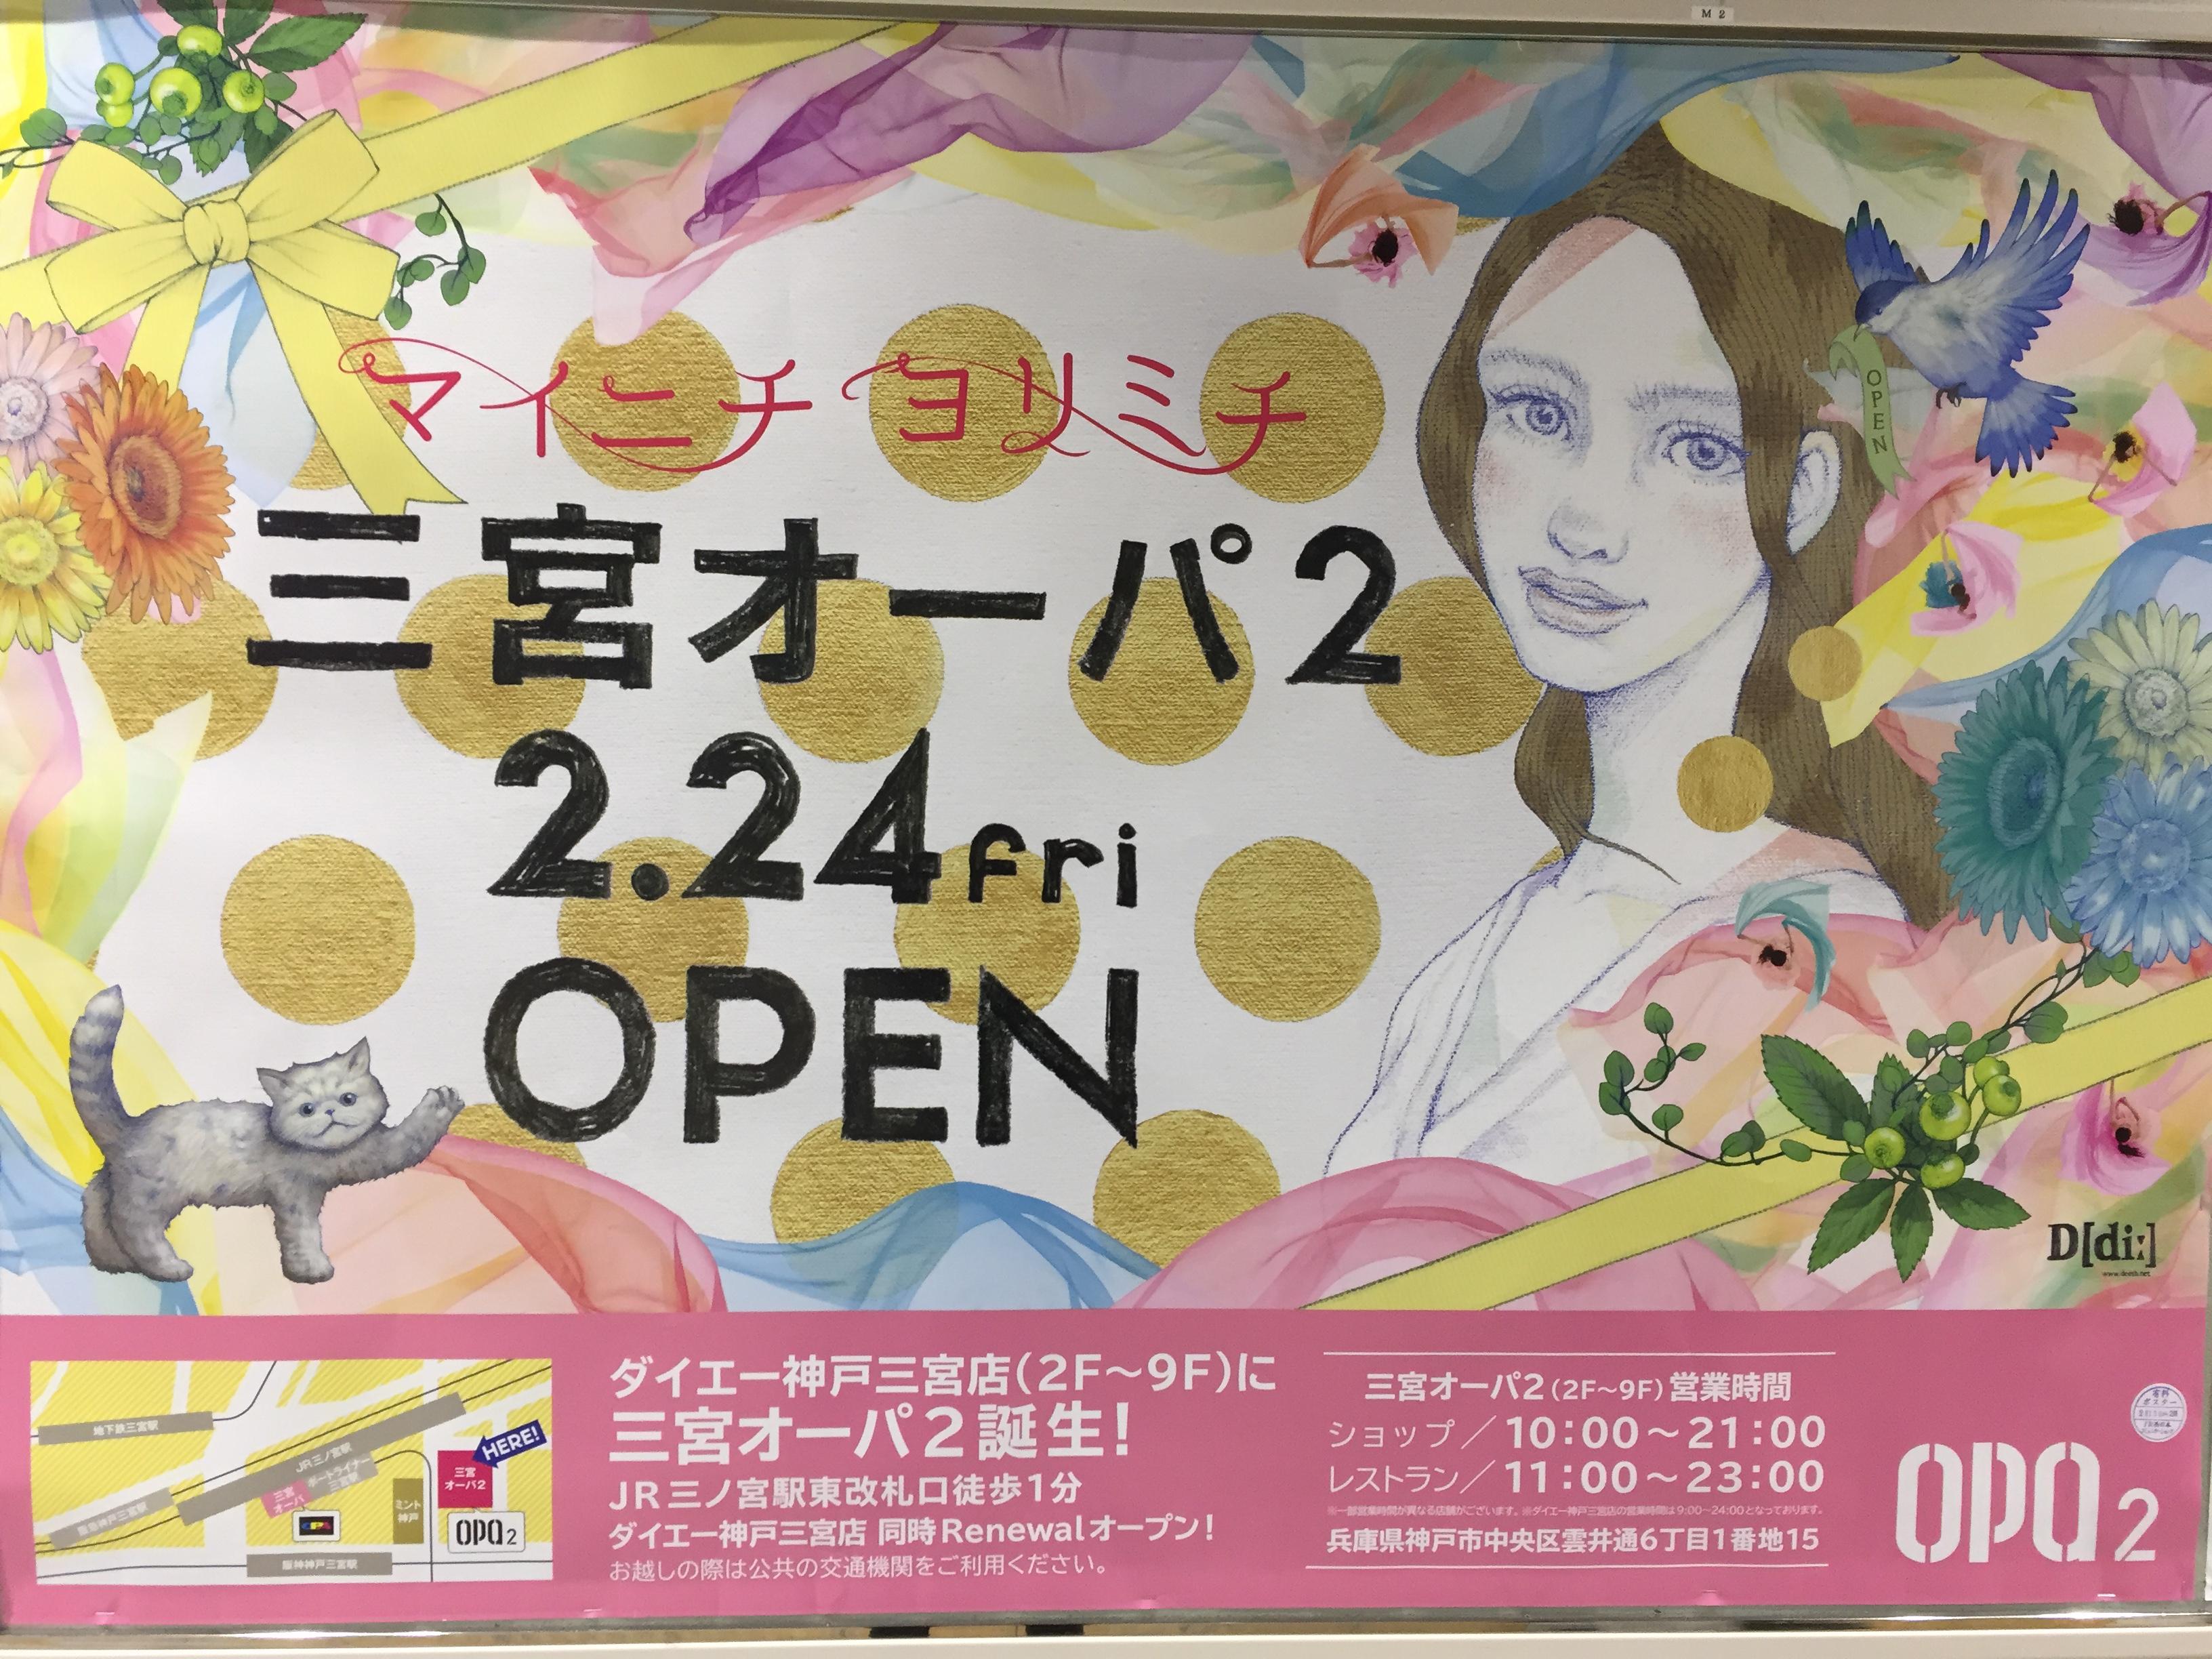 「三宮オーパ2」が2月24日、ダイエー神戸三宮店の2-9階でオープンするよ!【※追加更新あり】